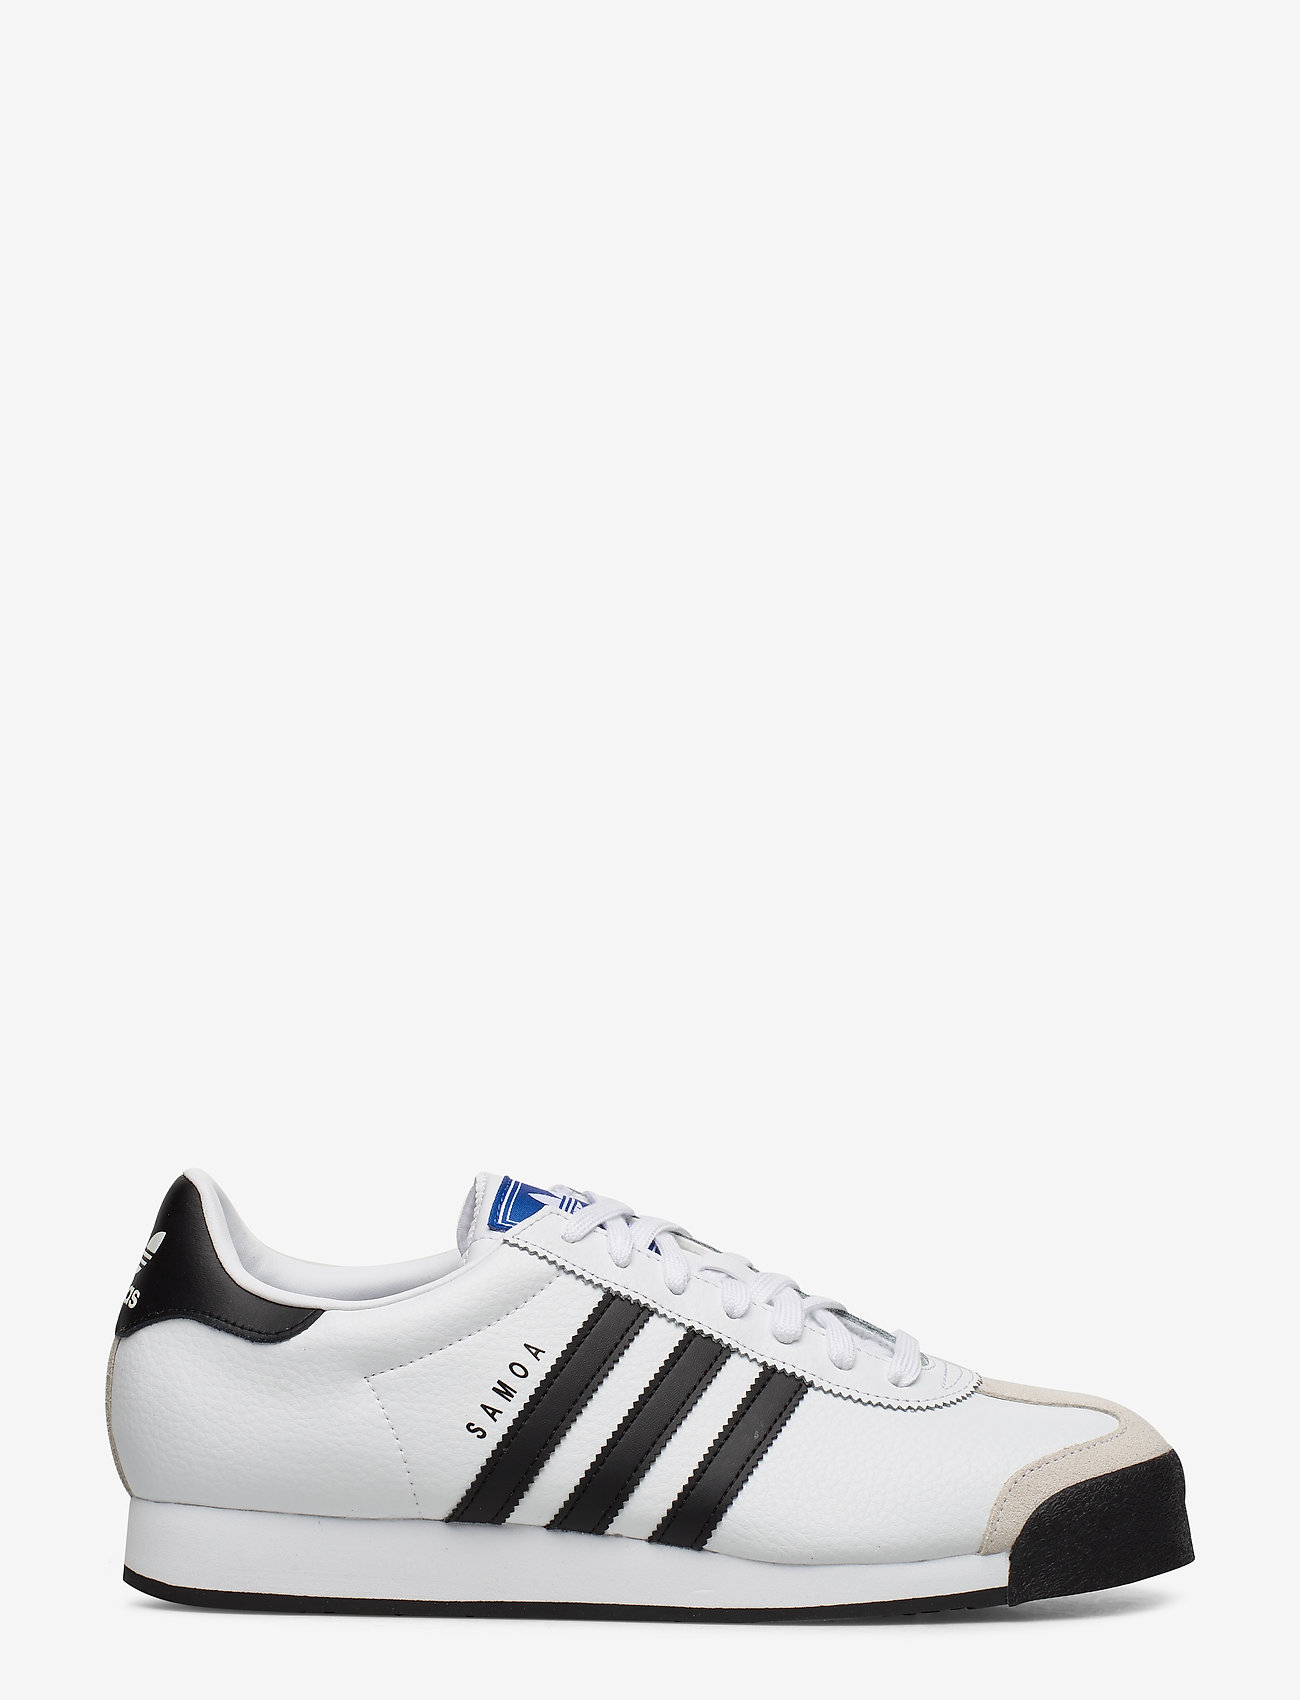 adidas Originals SAMOA - Sneakers FTWWHT/TECIND/GUM3